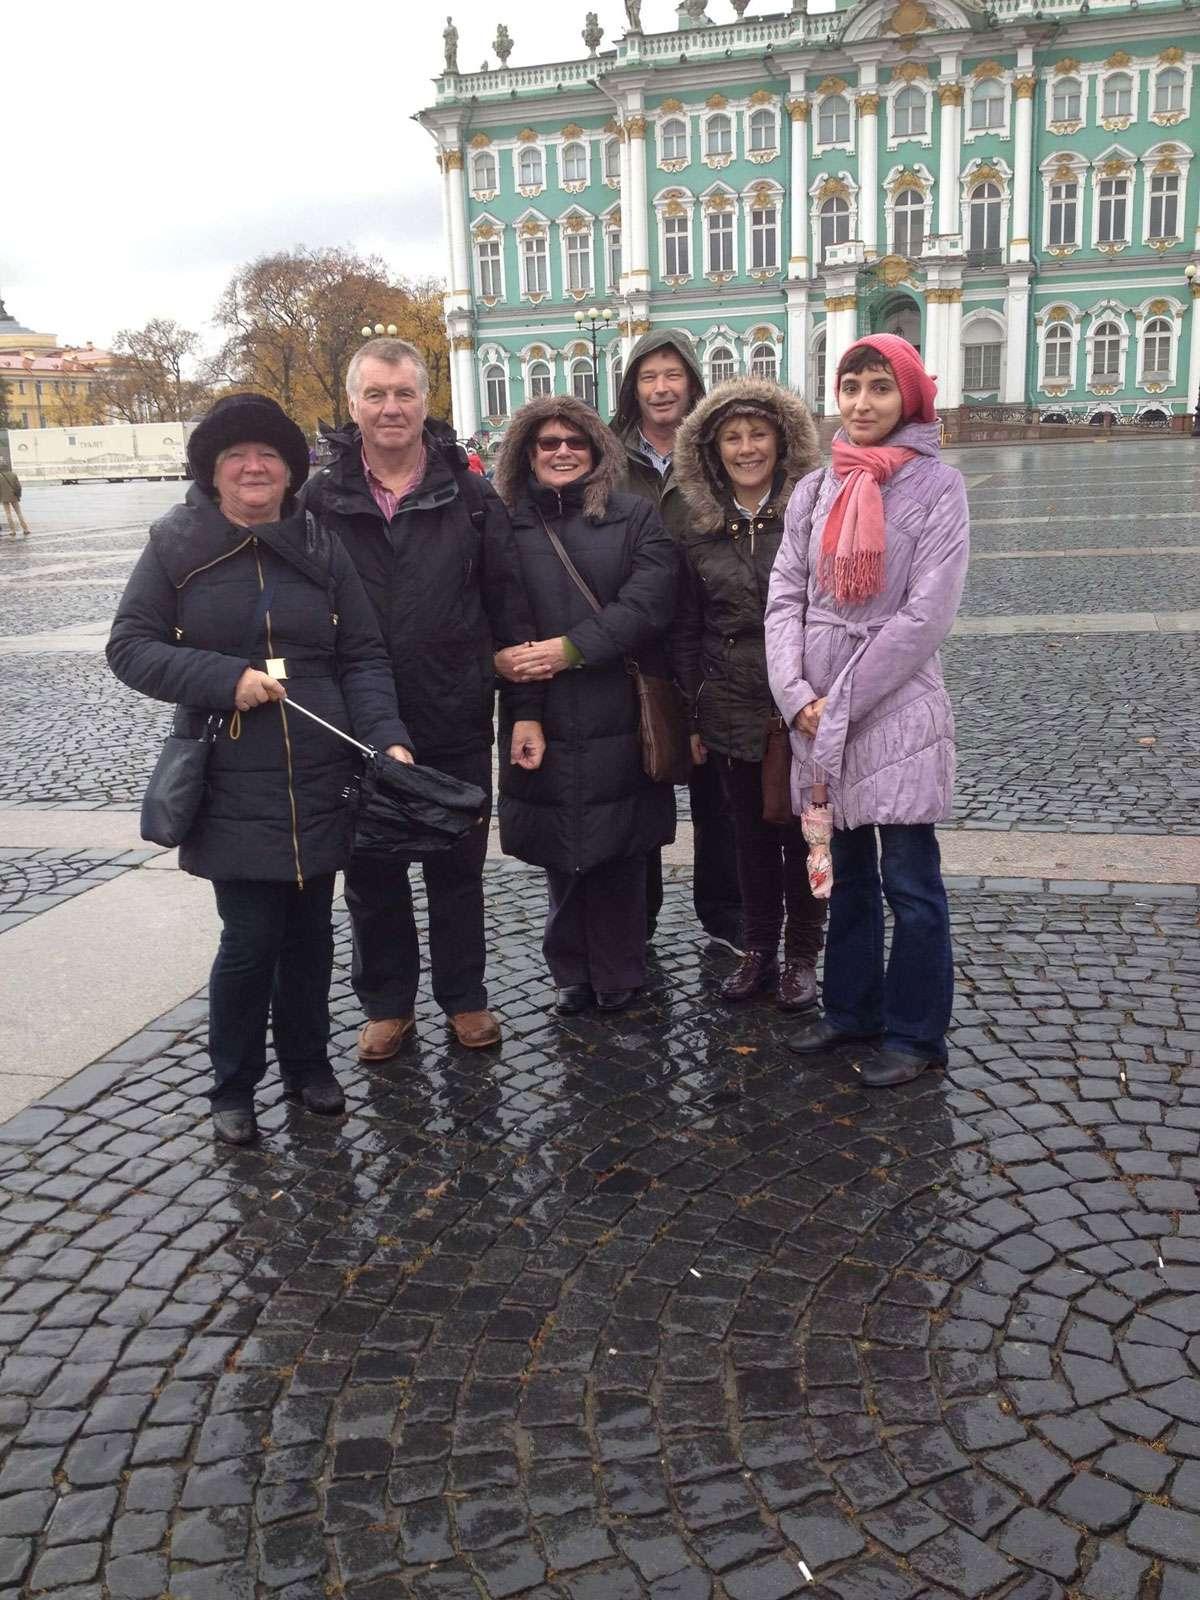 Arina Vorobeva (far right) with tourists from Great Britain. Photo: Arina Vorobeva